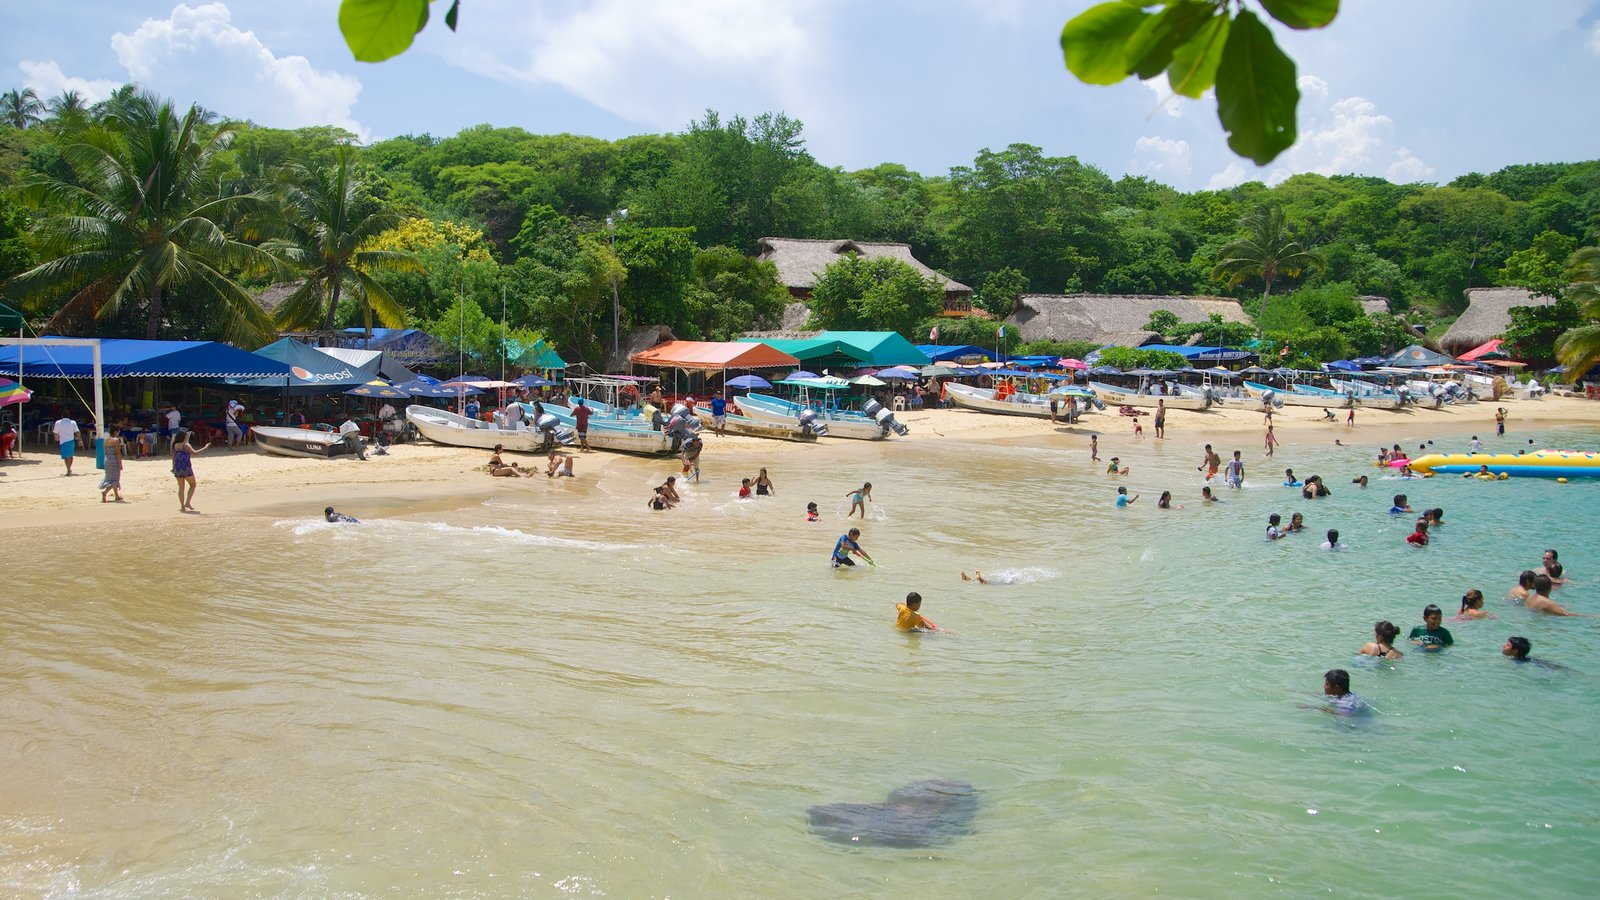 Playa Puerto Angelito ofreciendo natación, una playa y escenas tropicales